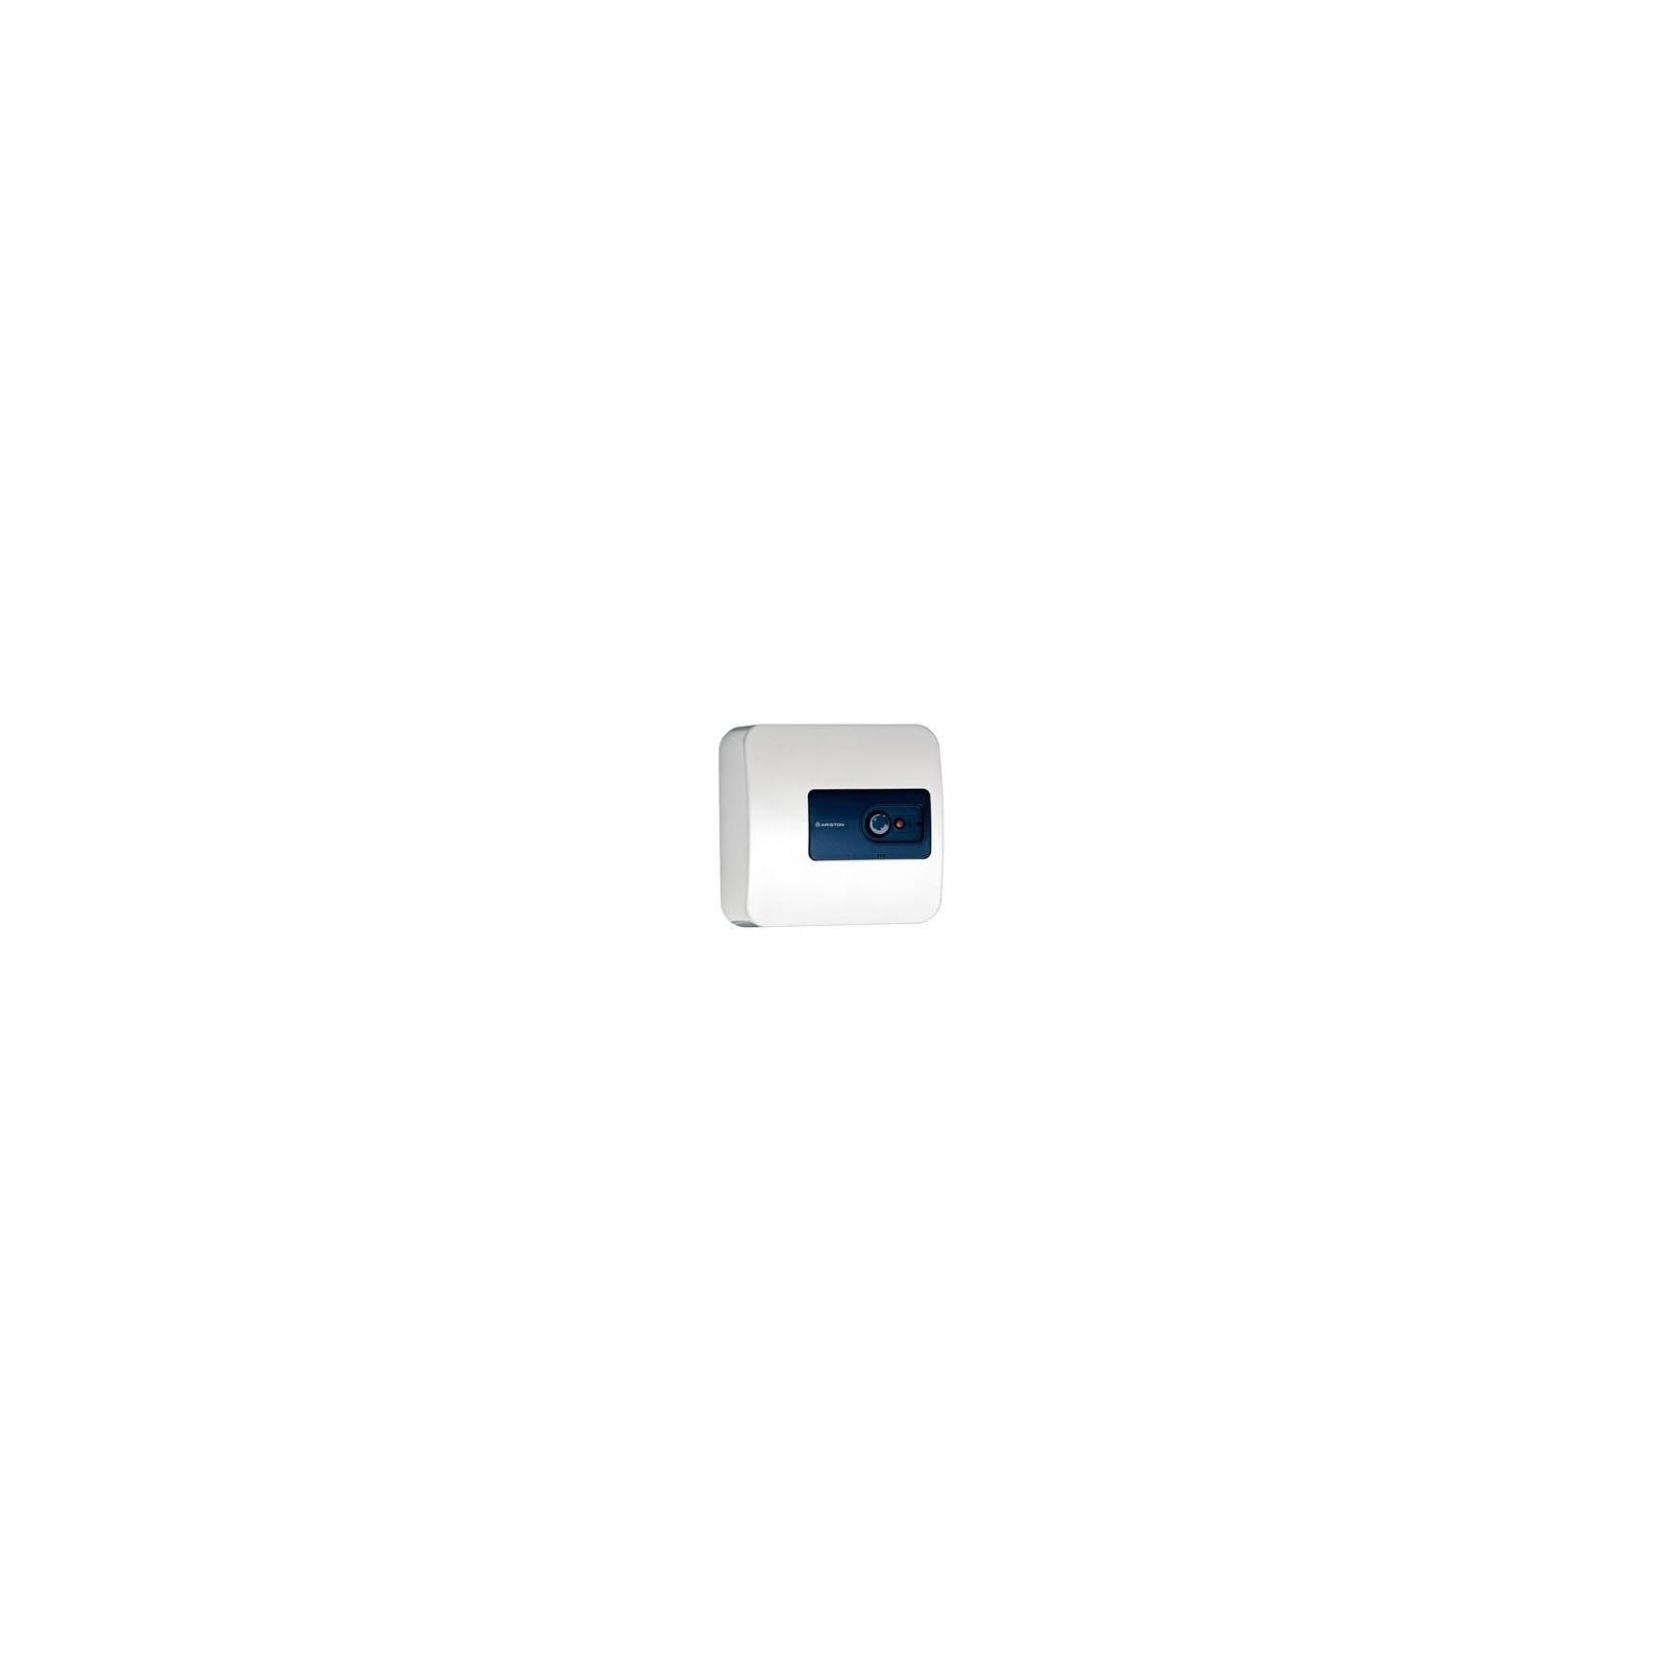 Scaldabagno elettrico ariston blu15r 3 sopralavello for Amazon scaldabagni elettrici